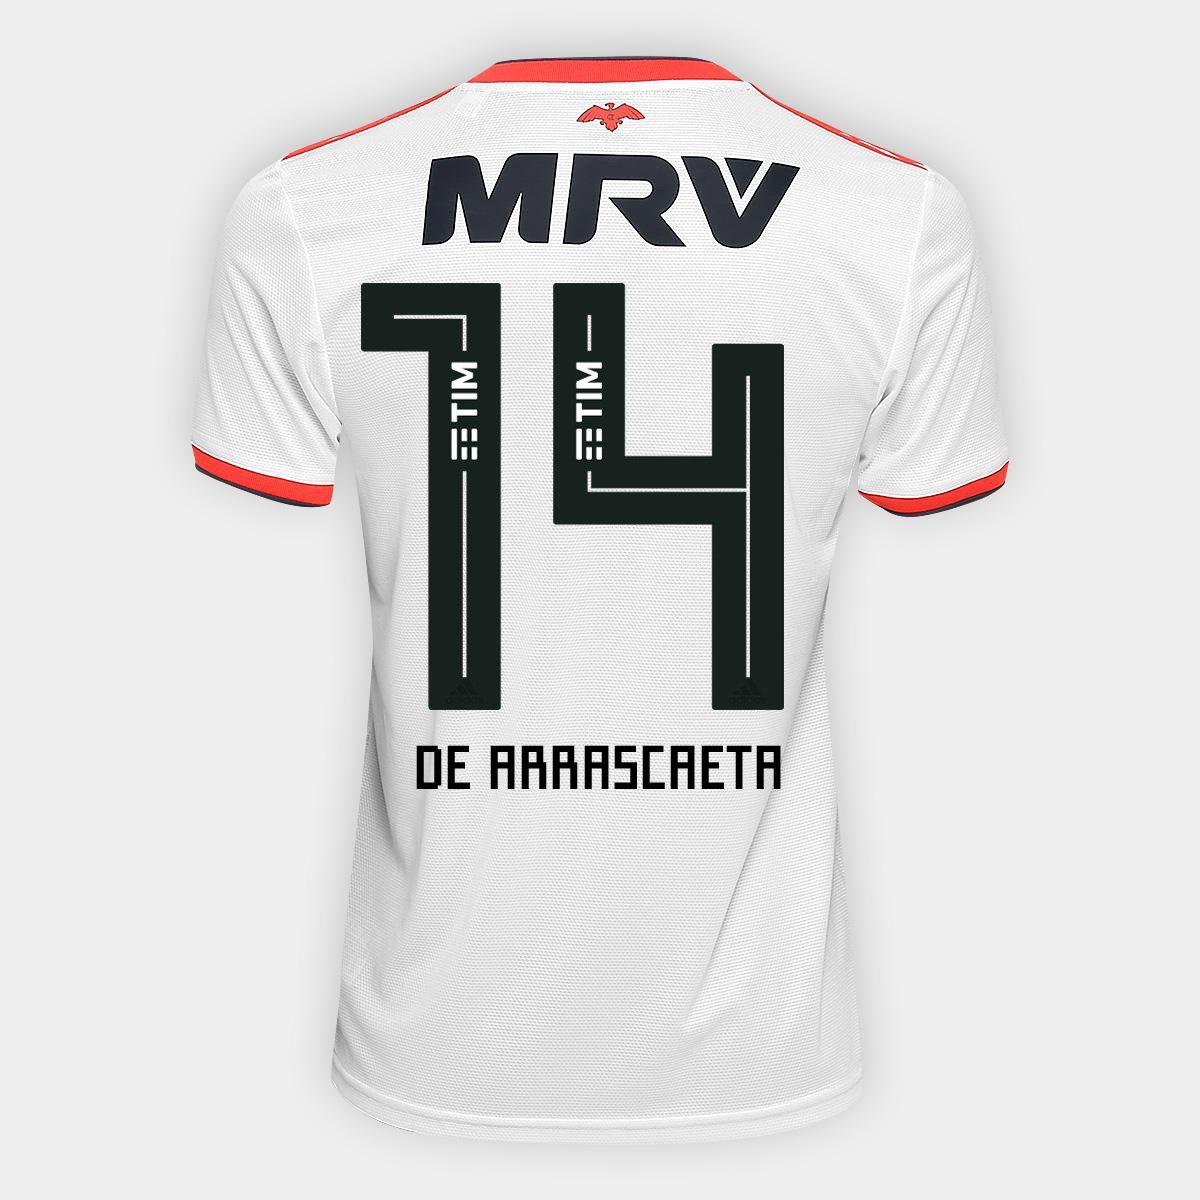 4cf6b22eaa6d9 Camisa Flamengo II 18 19 n°14 De Arrascaeta - Torcedor Adidas Masculina -  Off White e Vermelho - Compre Agora